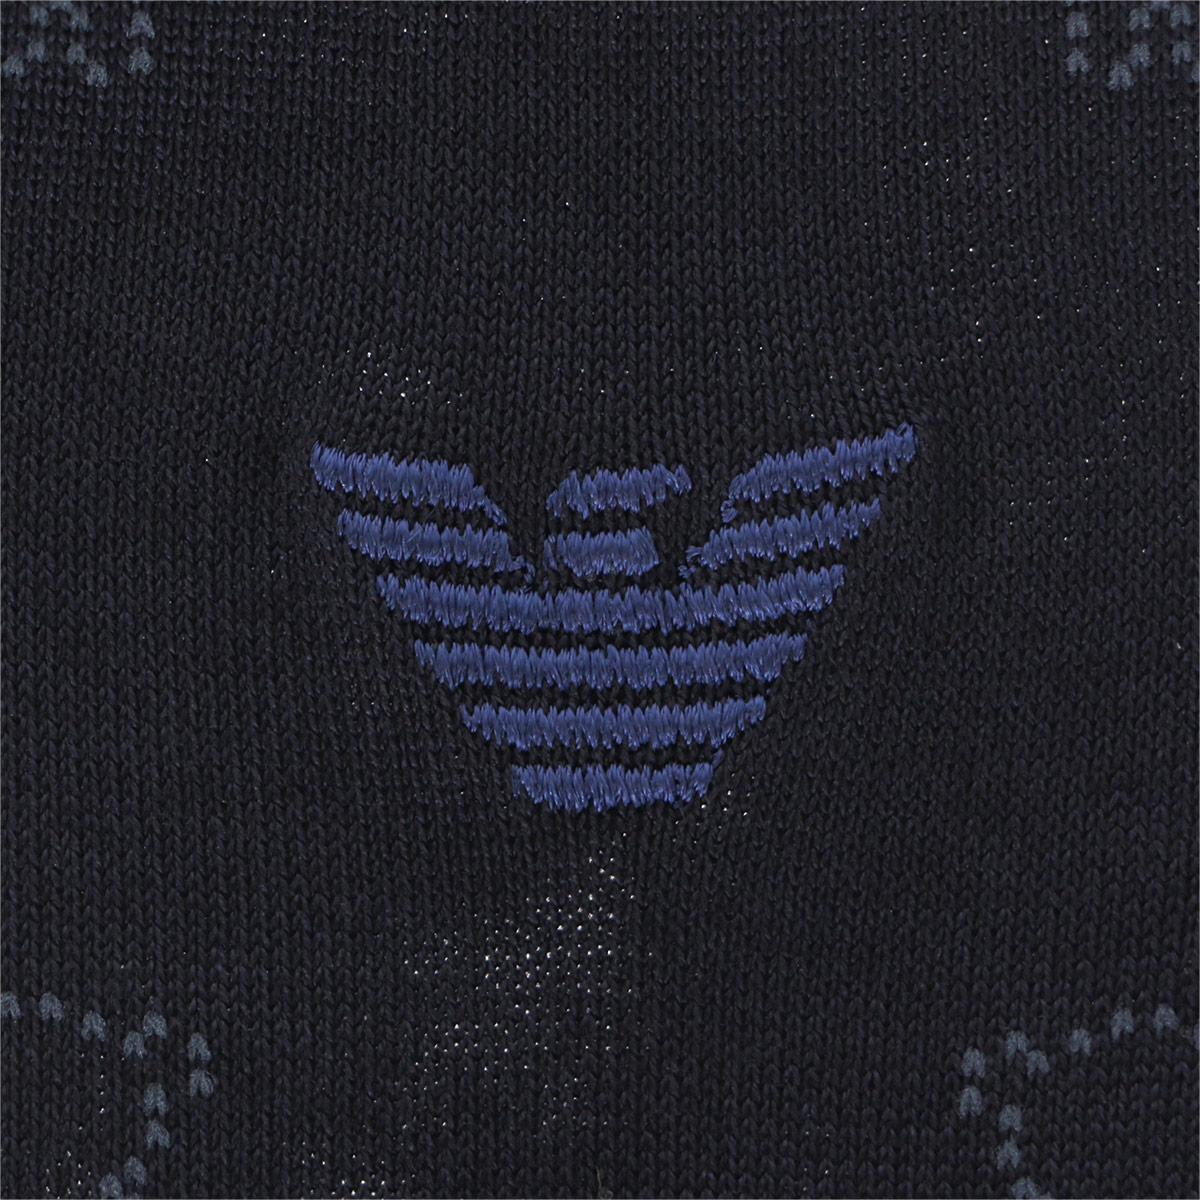 EMPORIO ARMANI ( エンポリオ アルマーニ ) ビジネス Dress ベアドット 抗菌防臭 クルー丈 ソックス 靴下 メンズ 男性 紳士 プレゼント 贈答 ギフト 2312-427【ゆうパケット・4点まで】